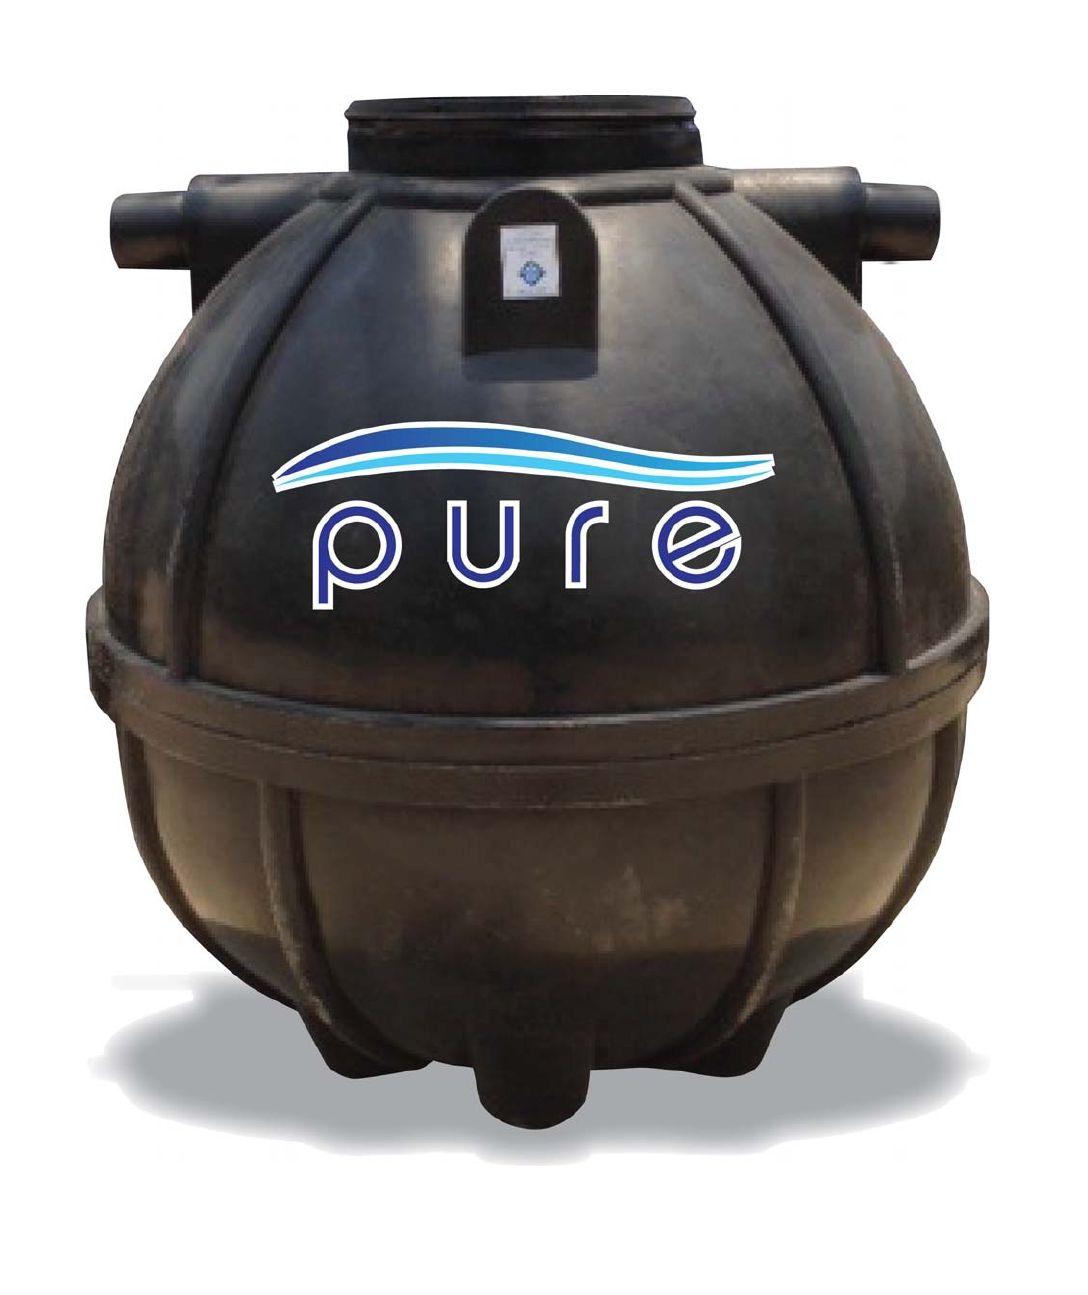 ถังบำบัดน้ำเสียเกรอะกรองรวมแบบไร้อากาศ PURE รุ่น PS-5000 ขนาด 5000 ลิตร